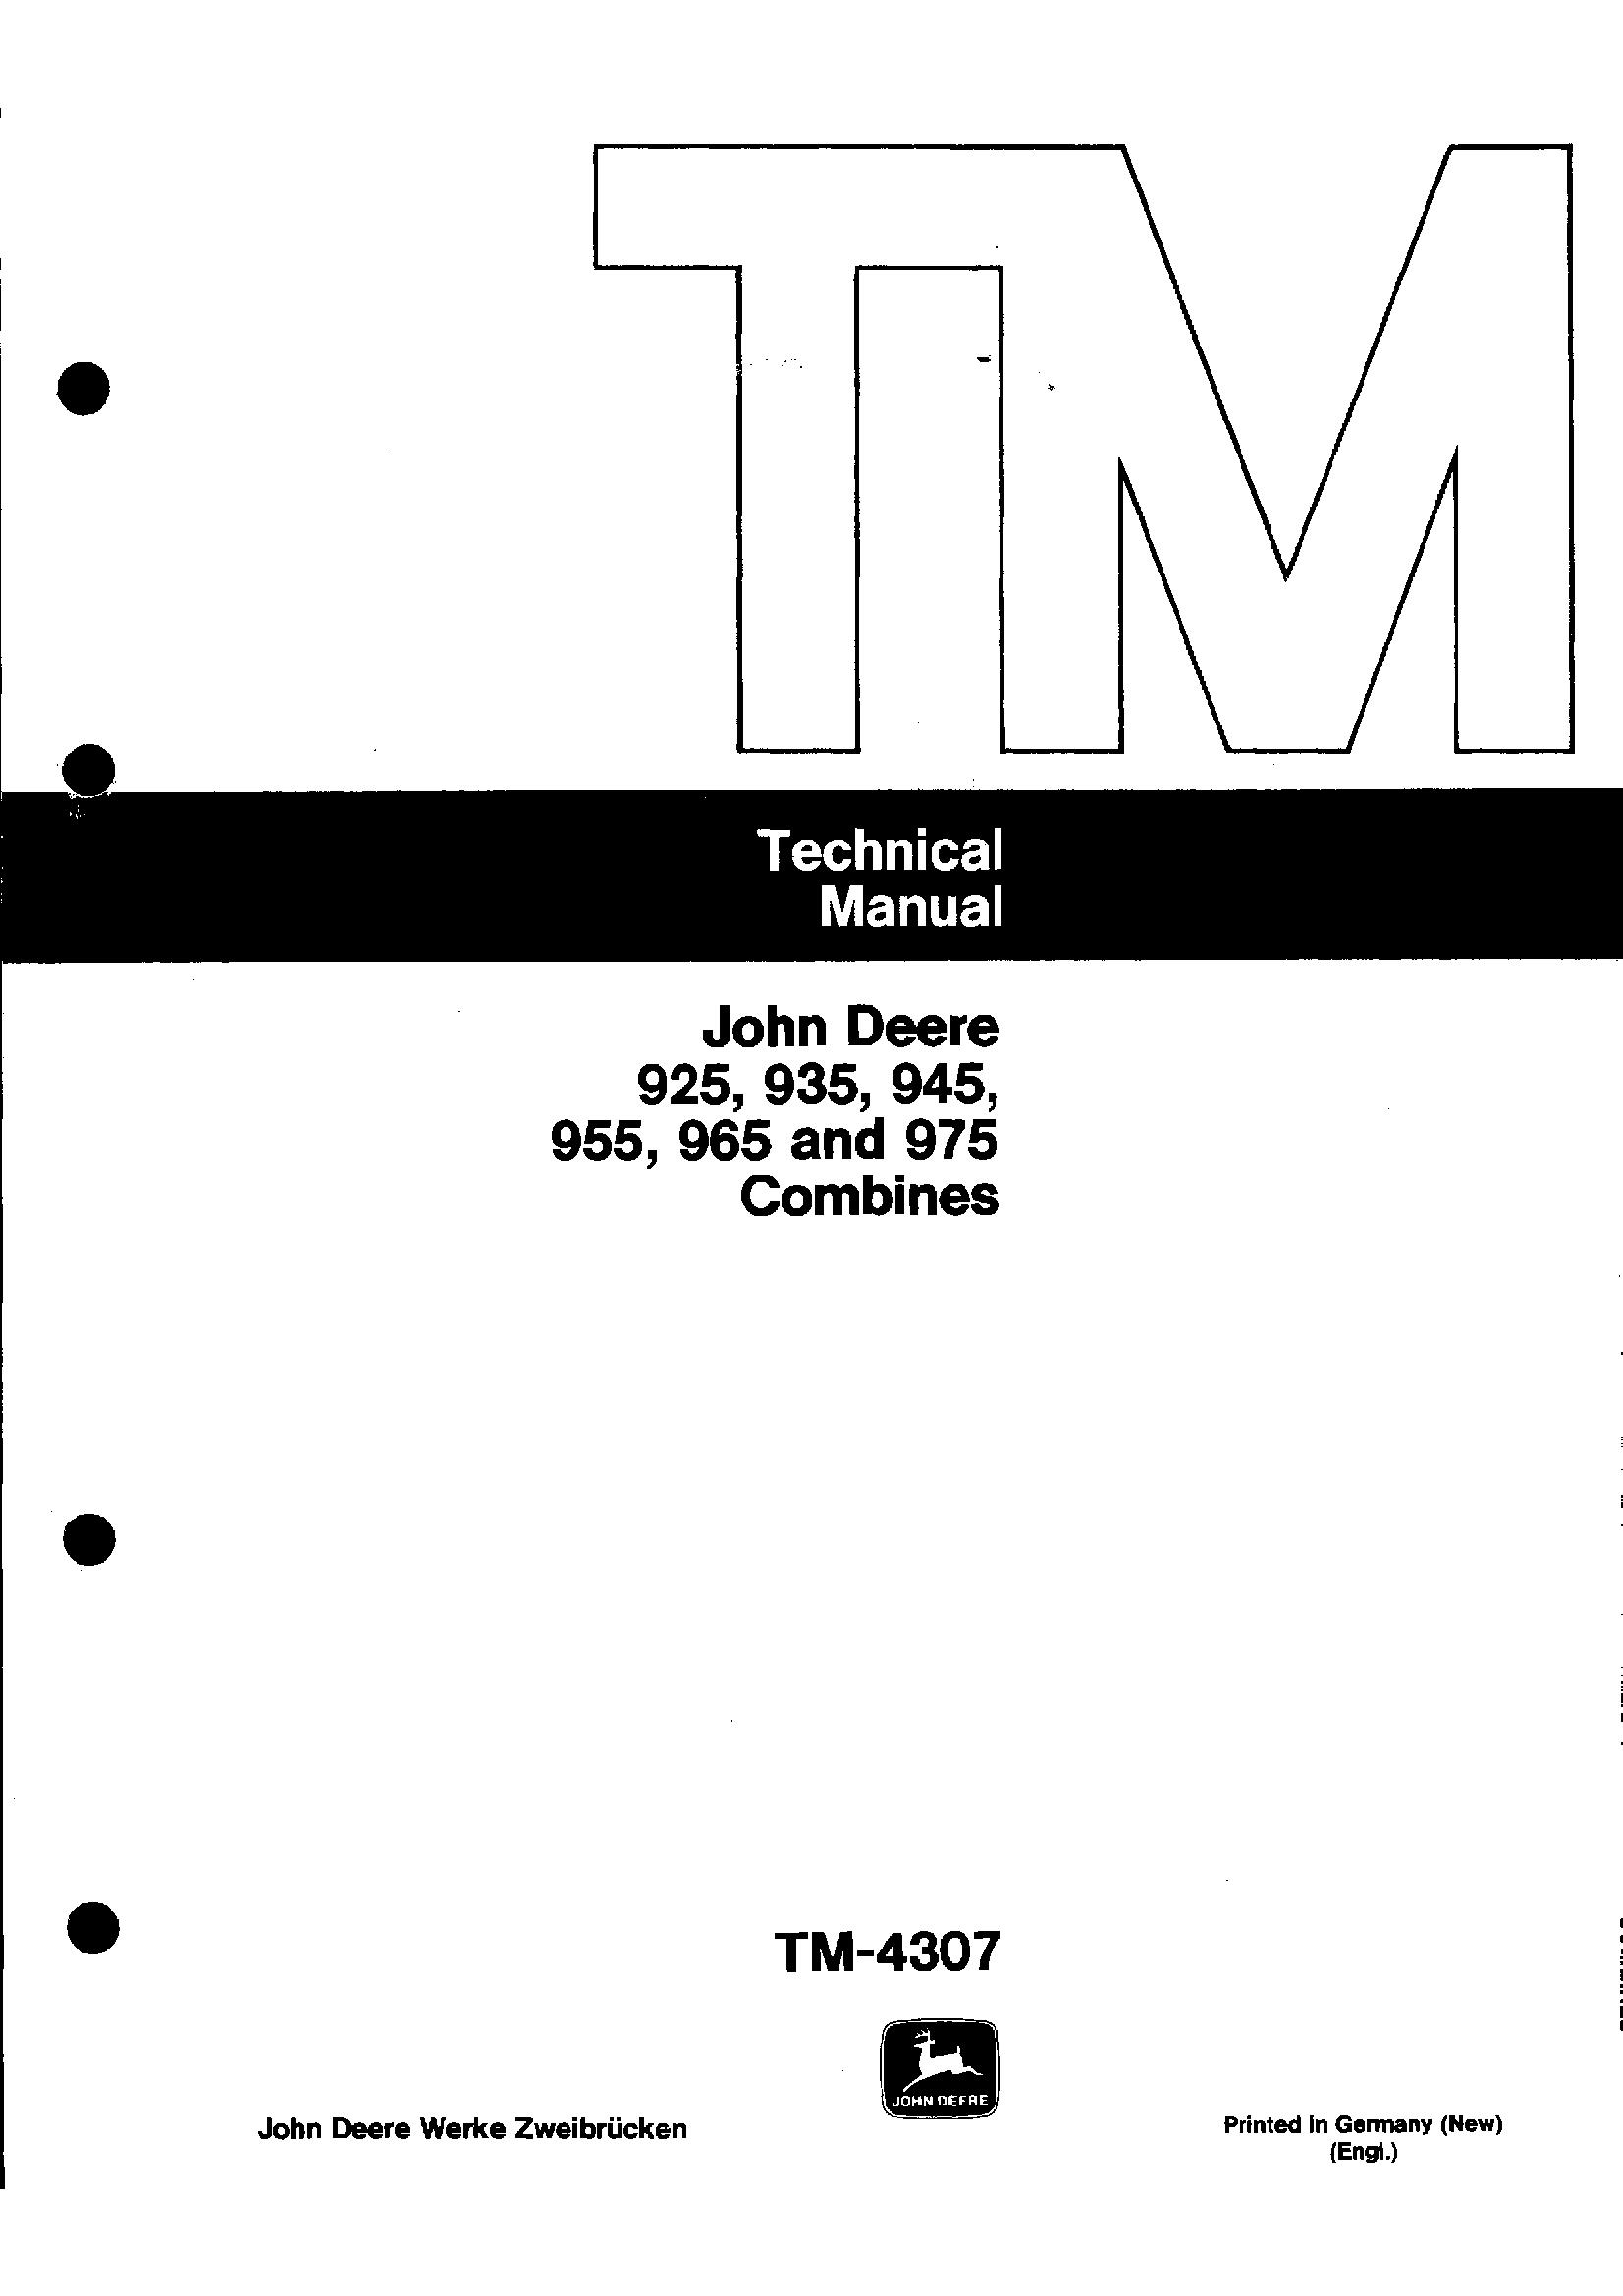 John Deere La130 Owners Manual Pdf : John Deere La130 Lawn